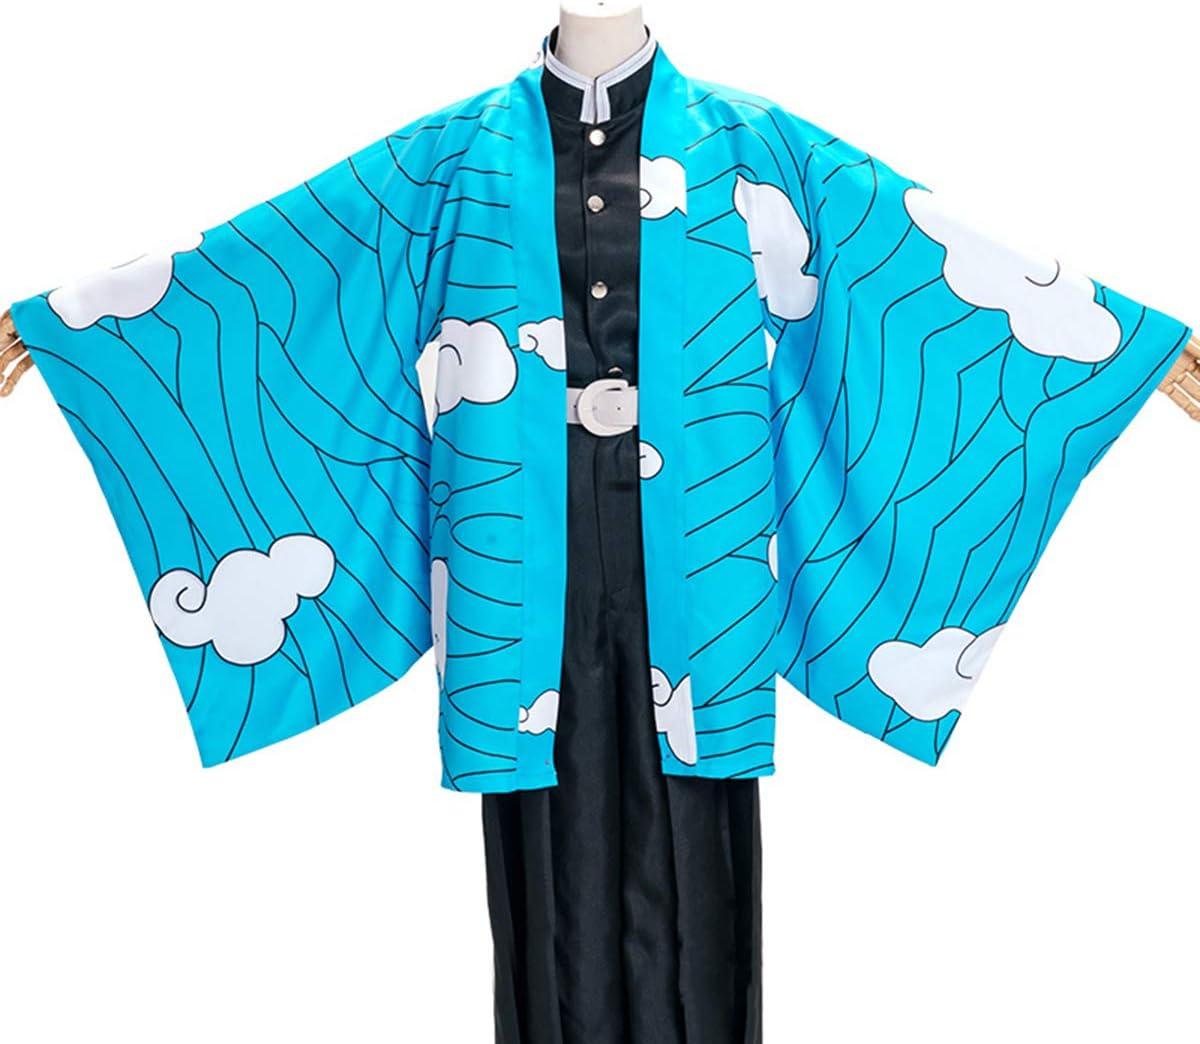 鬼滅の刃 (きめつのやいば) コスプレ衣装 鱗滝左近寺 (うろこだきさこんじ)